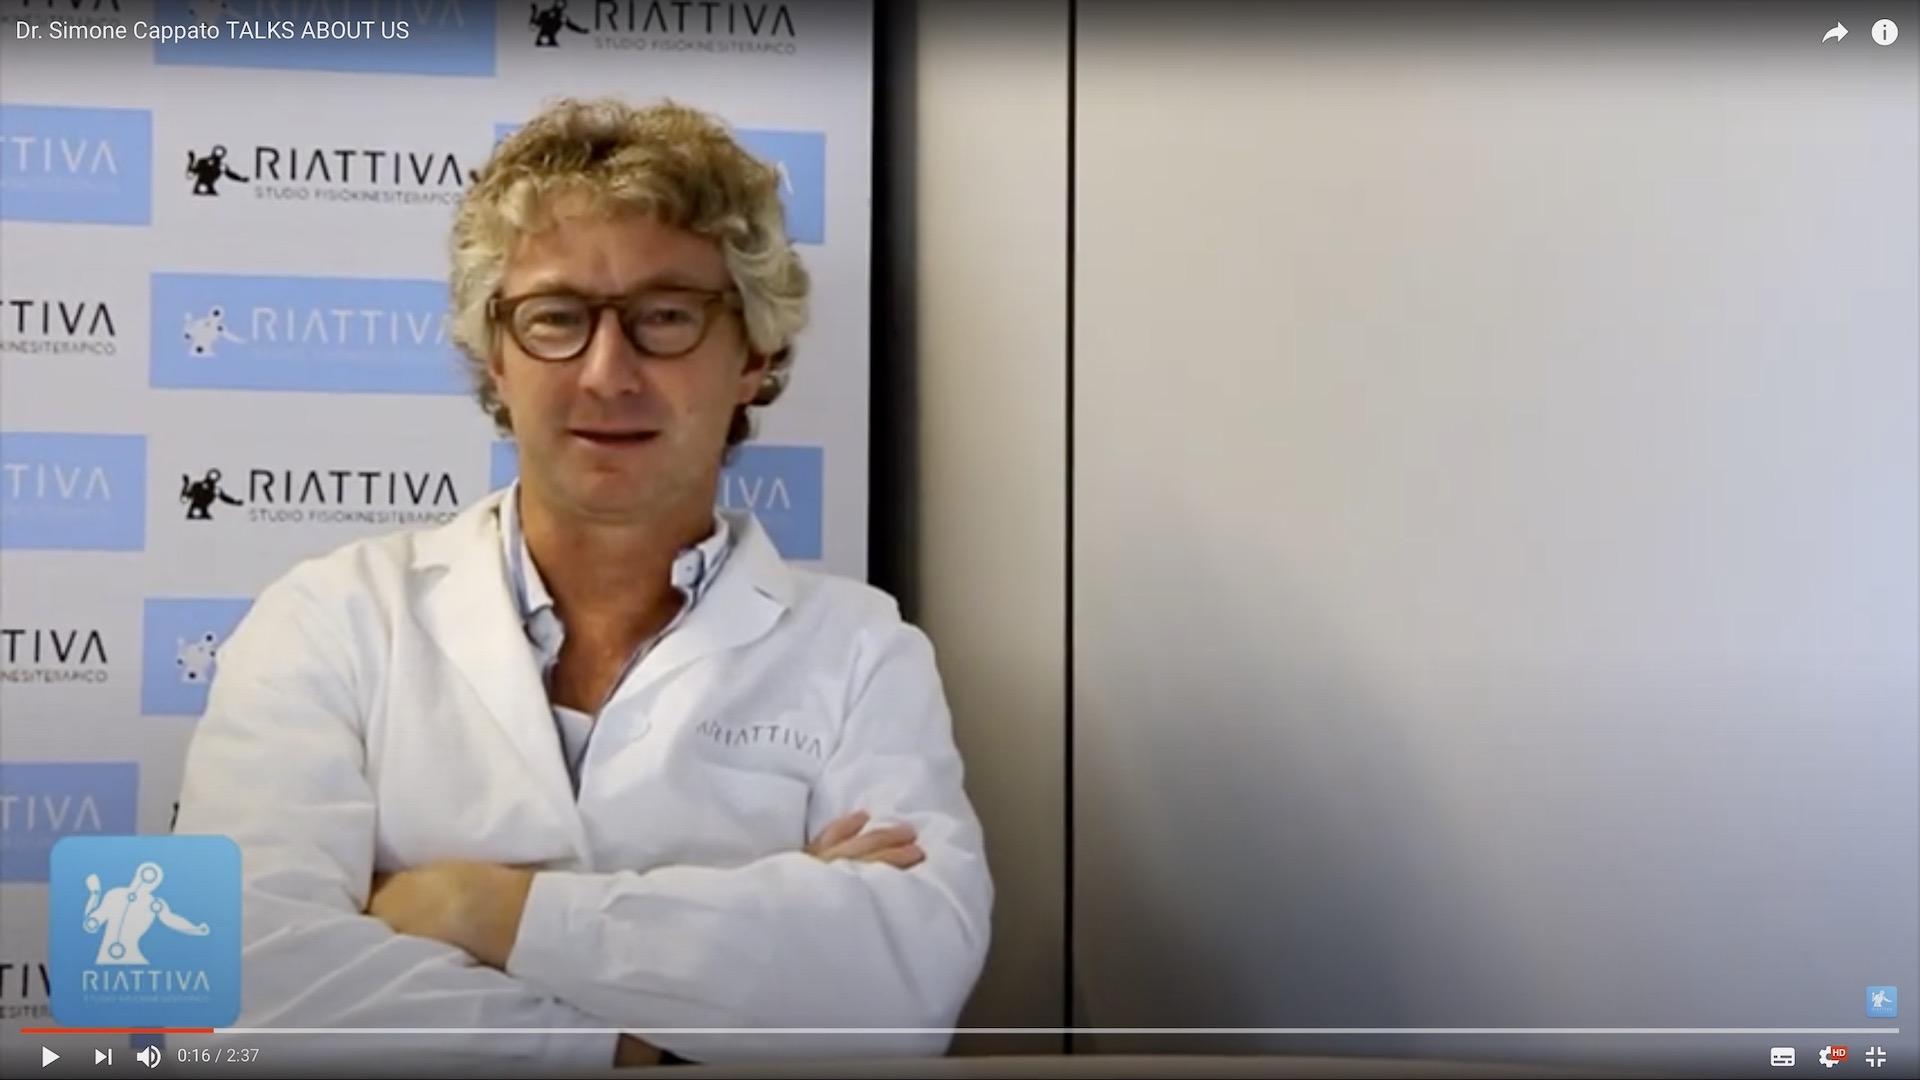 Dr-Simone Cappato-riattiva